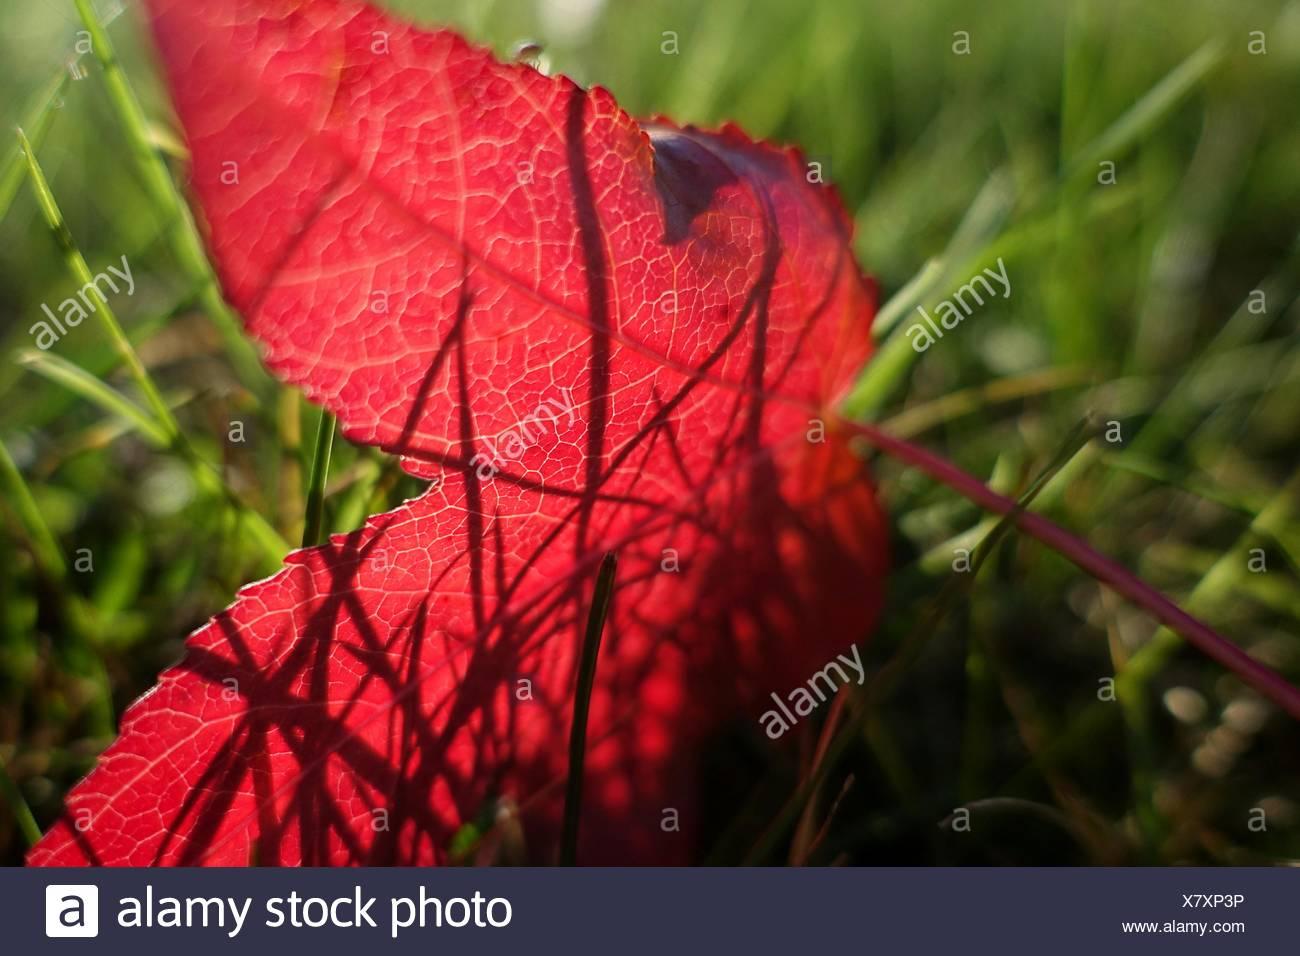 Nahaufnahme von roten Blatt auf Wiese Stockbild